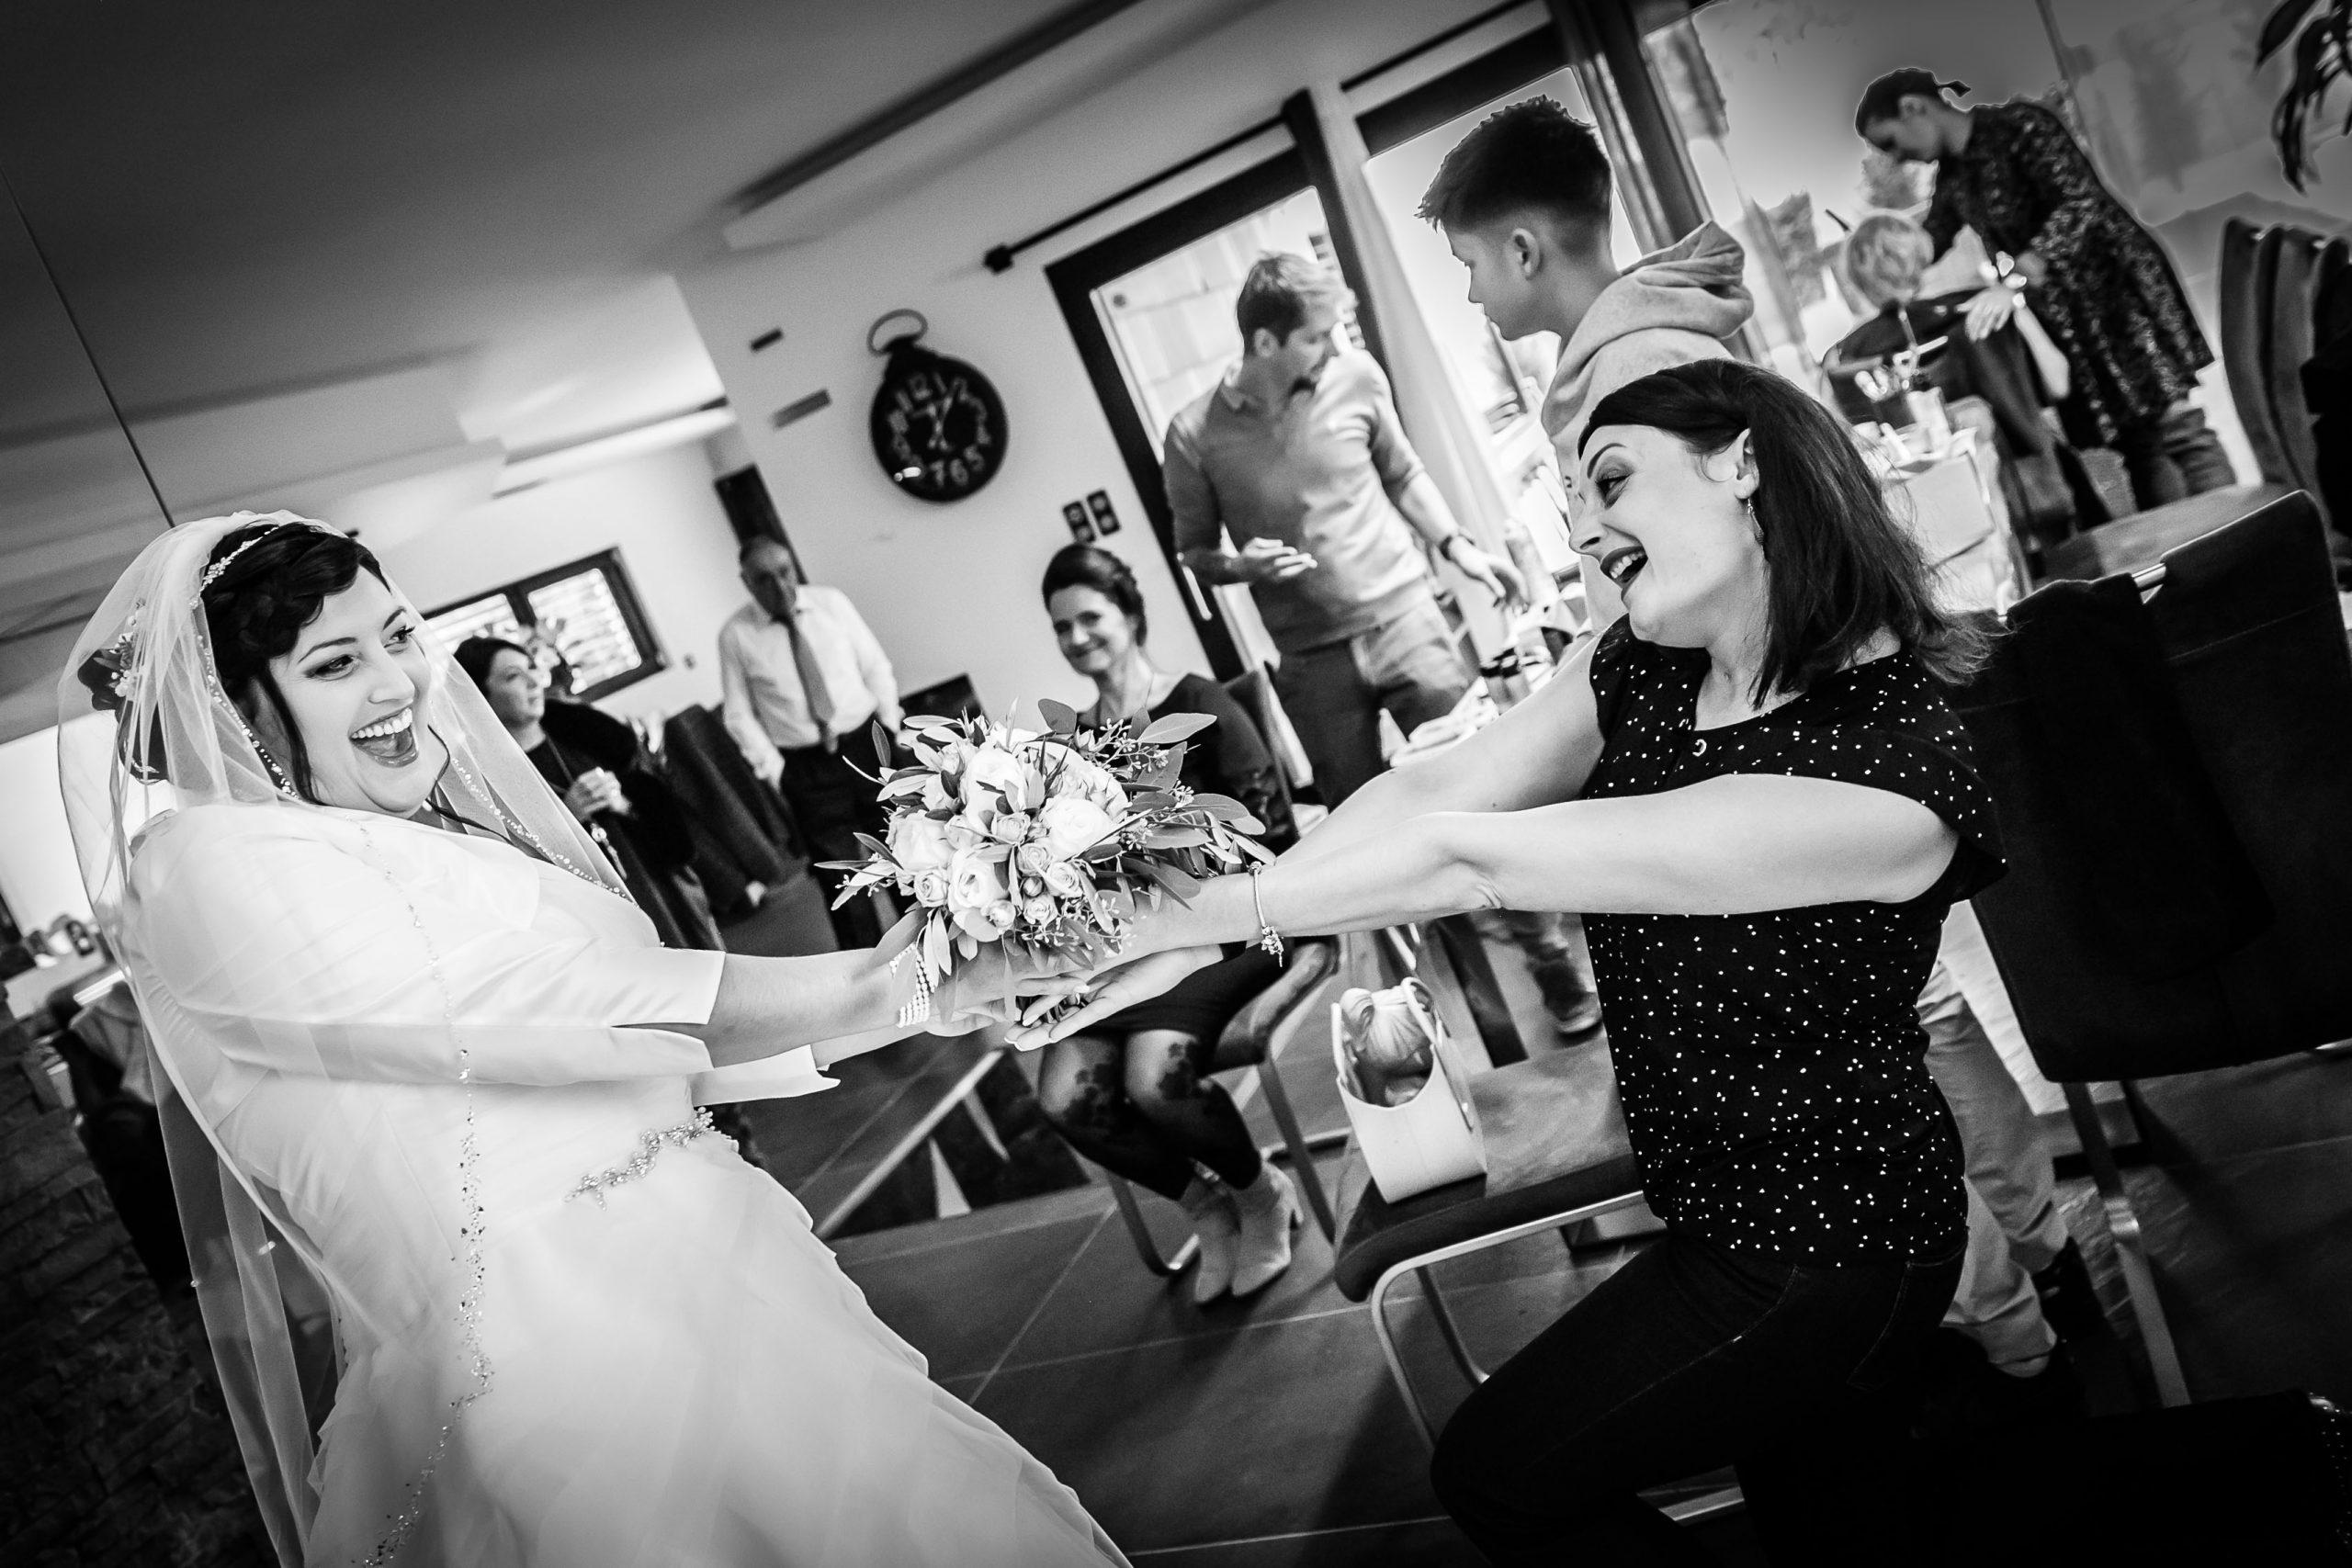 photos drôle et émouvante pendant ce mariage à Saint-Louis dans le sud de l'Alsace